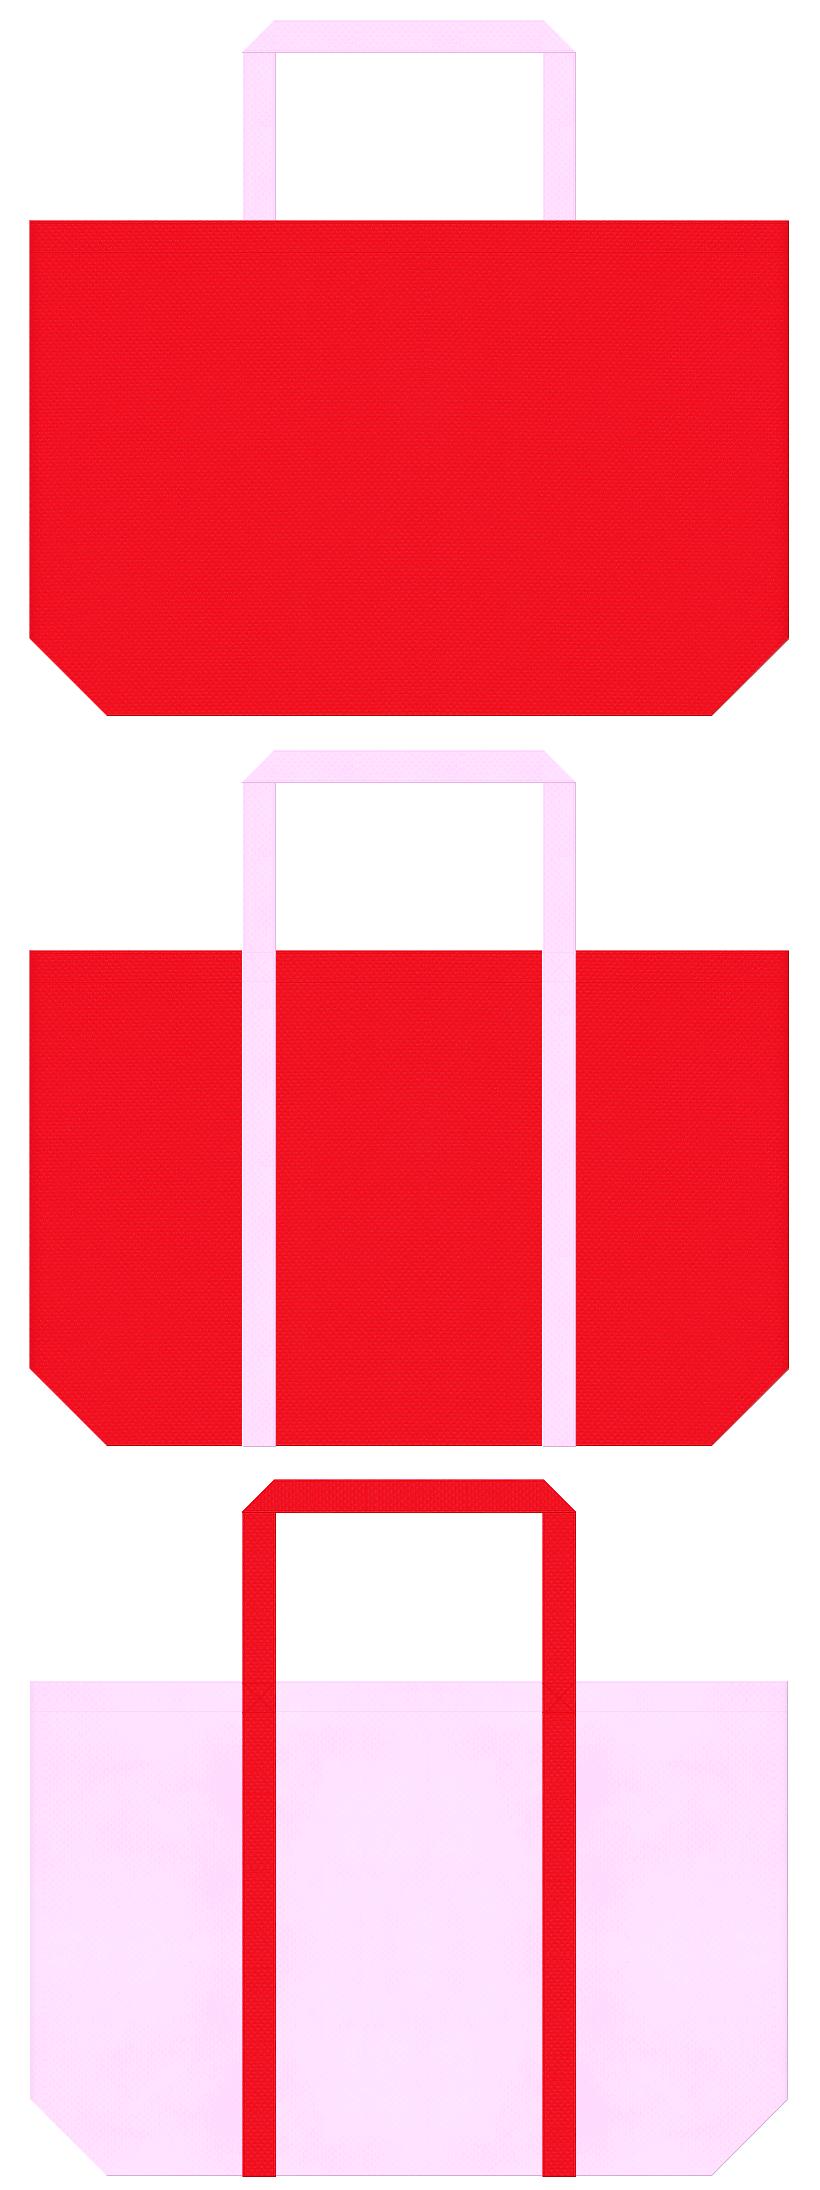 赤色と明るめのピンク色の不織布ショッピングバッグデザイン。ひなまつり商品のショッピングバッグにお奨めです。